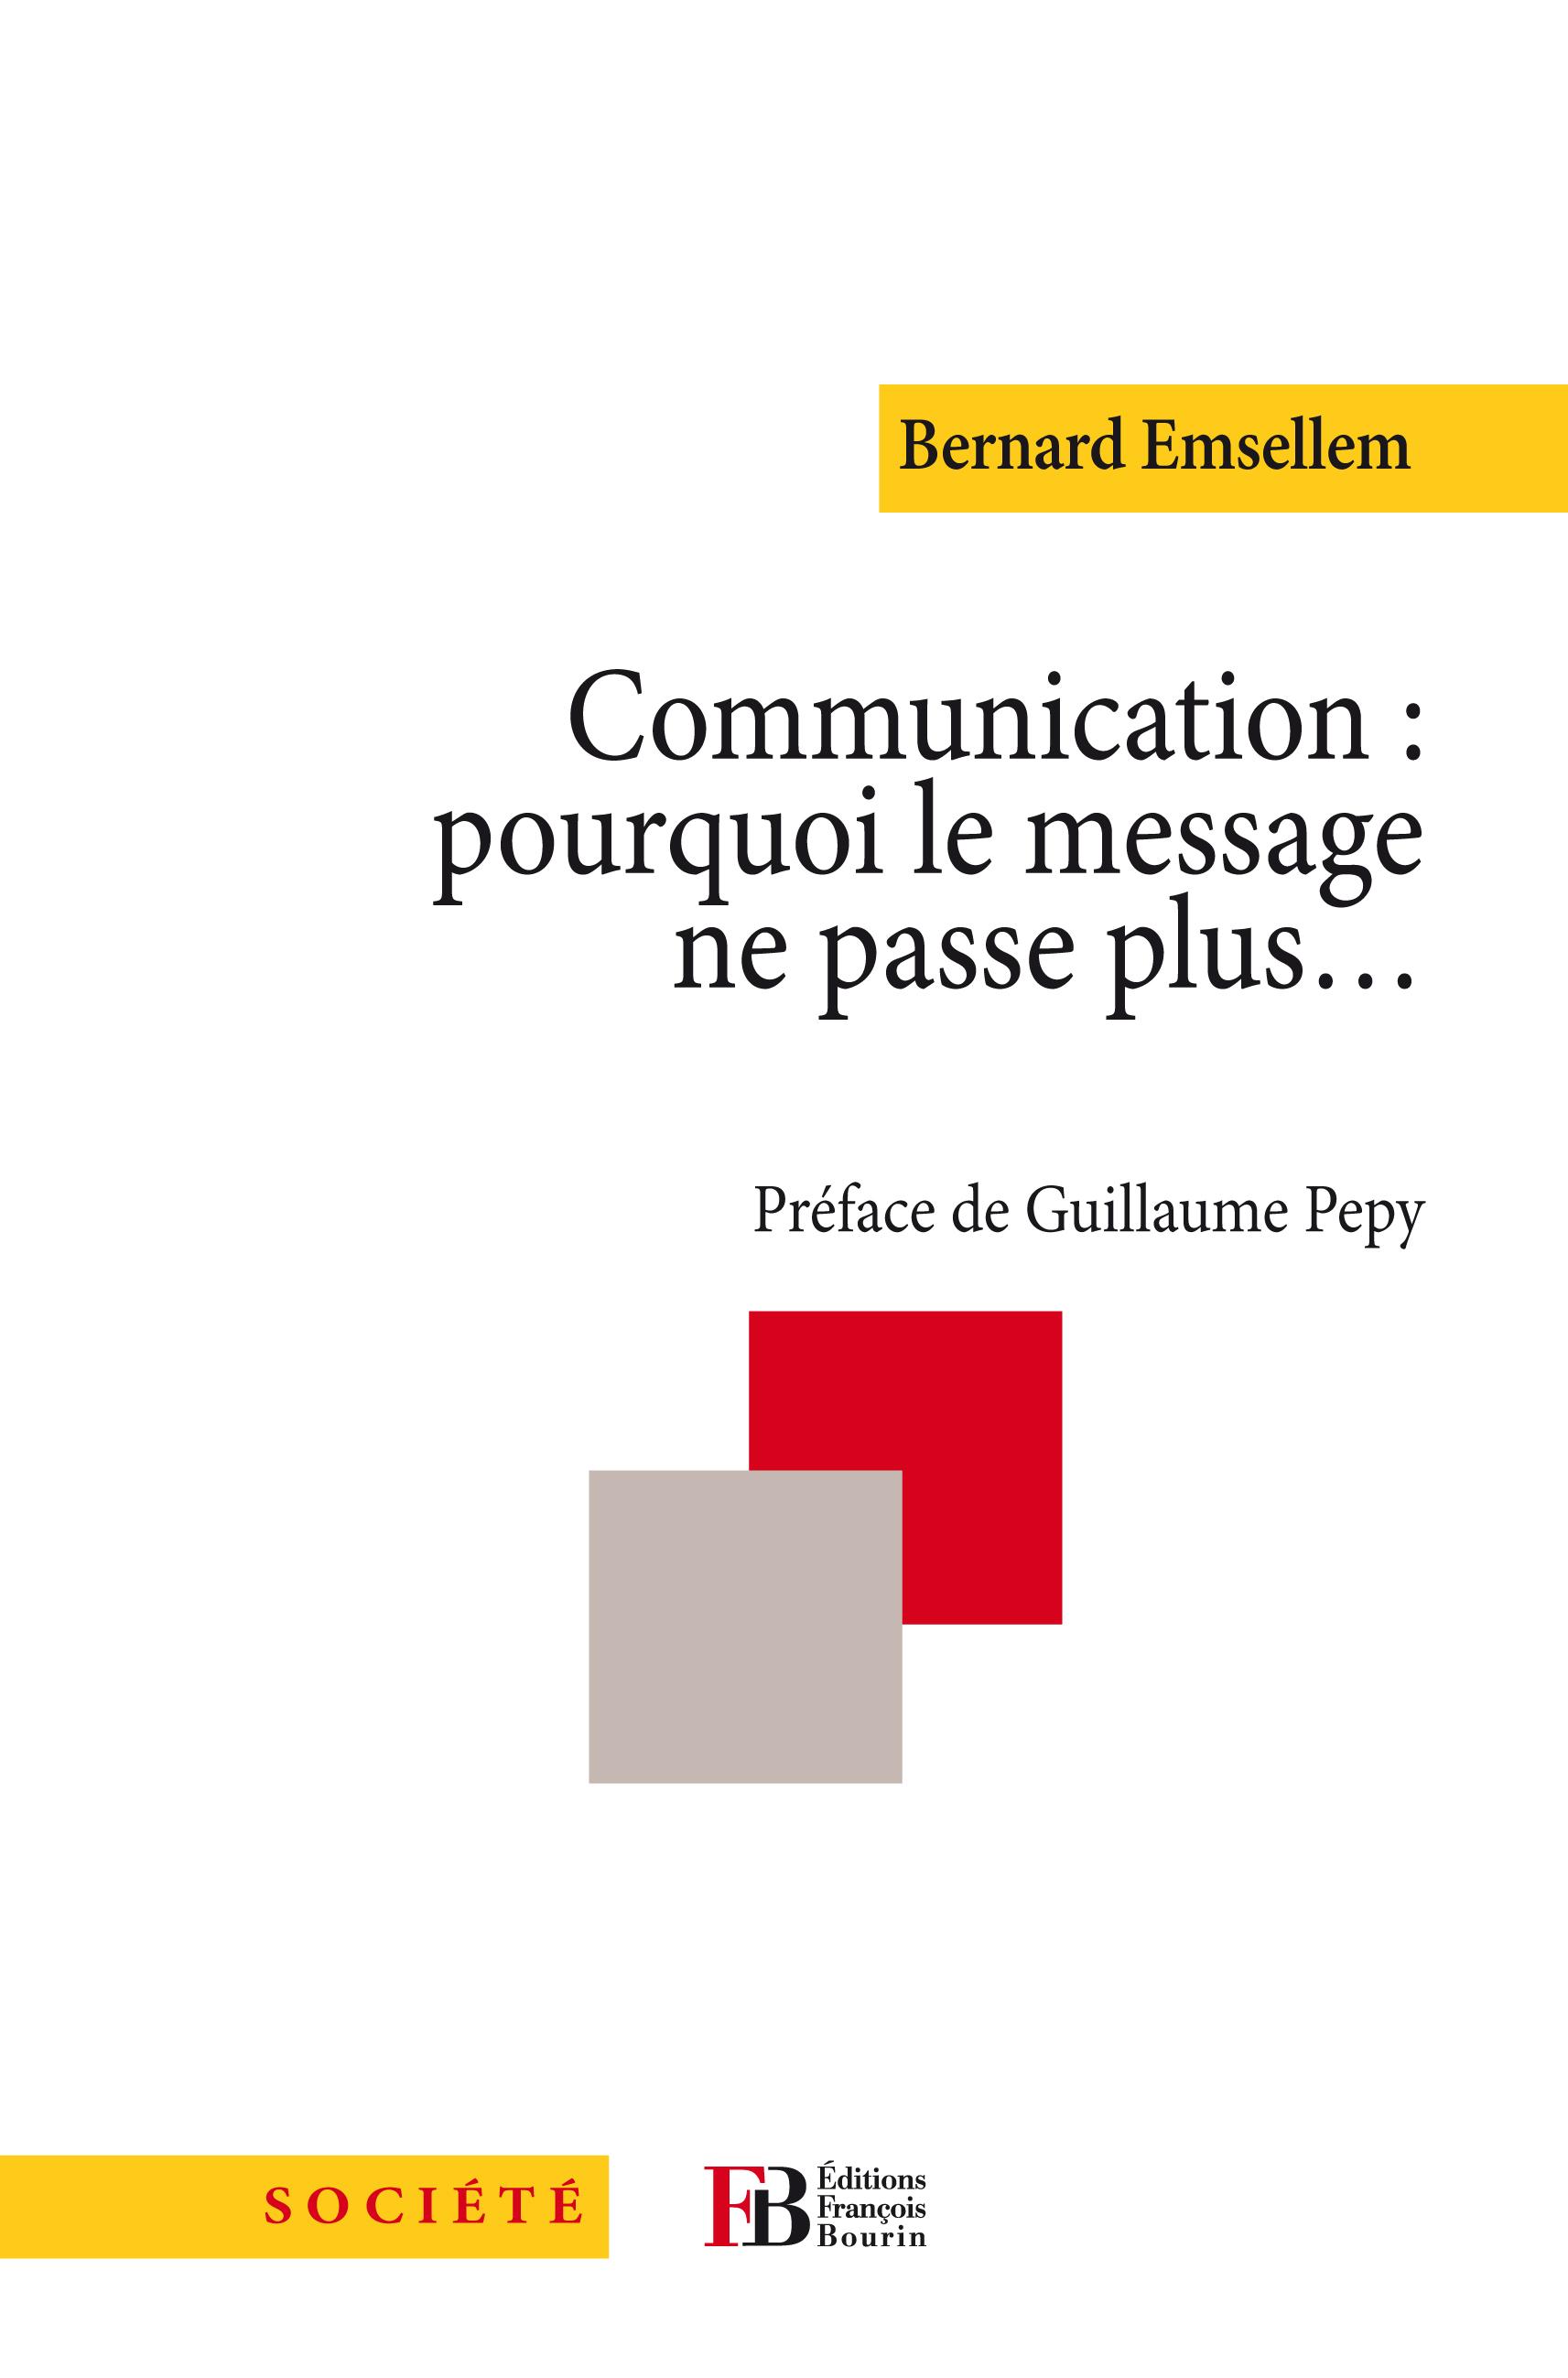 Communication: pourquoi le message ne passe plus